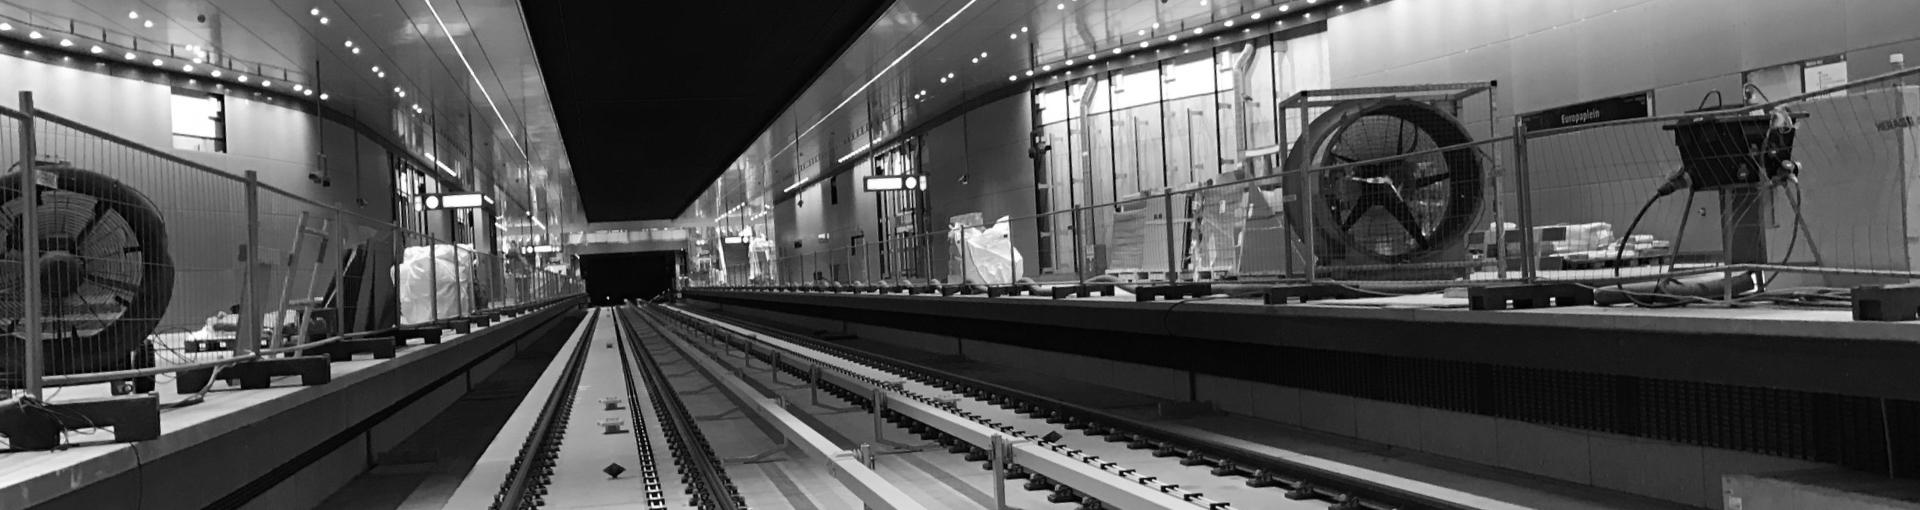 Spoorwegen_header.jpg